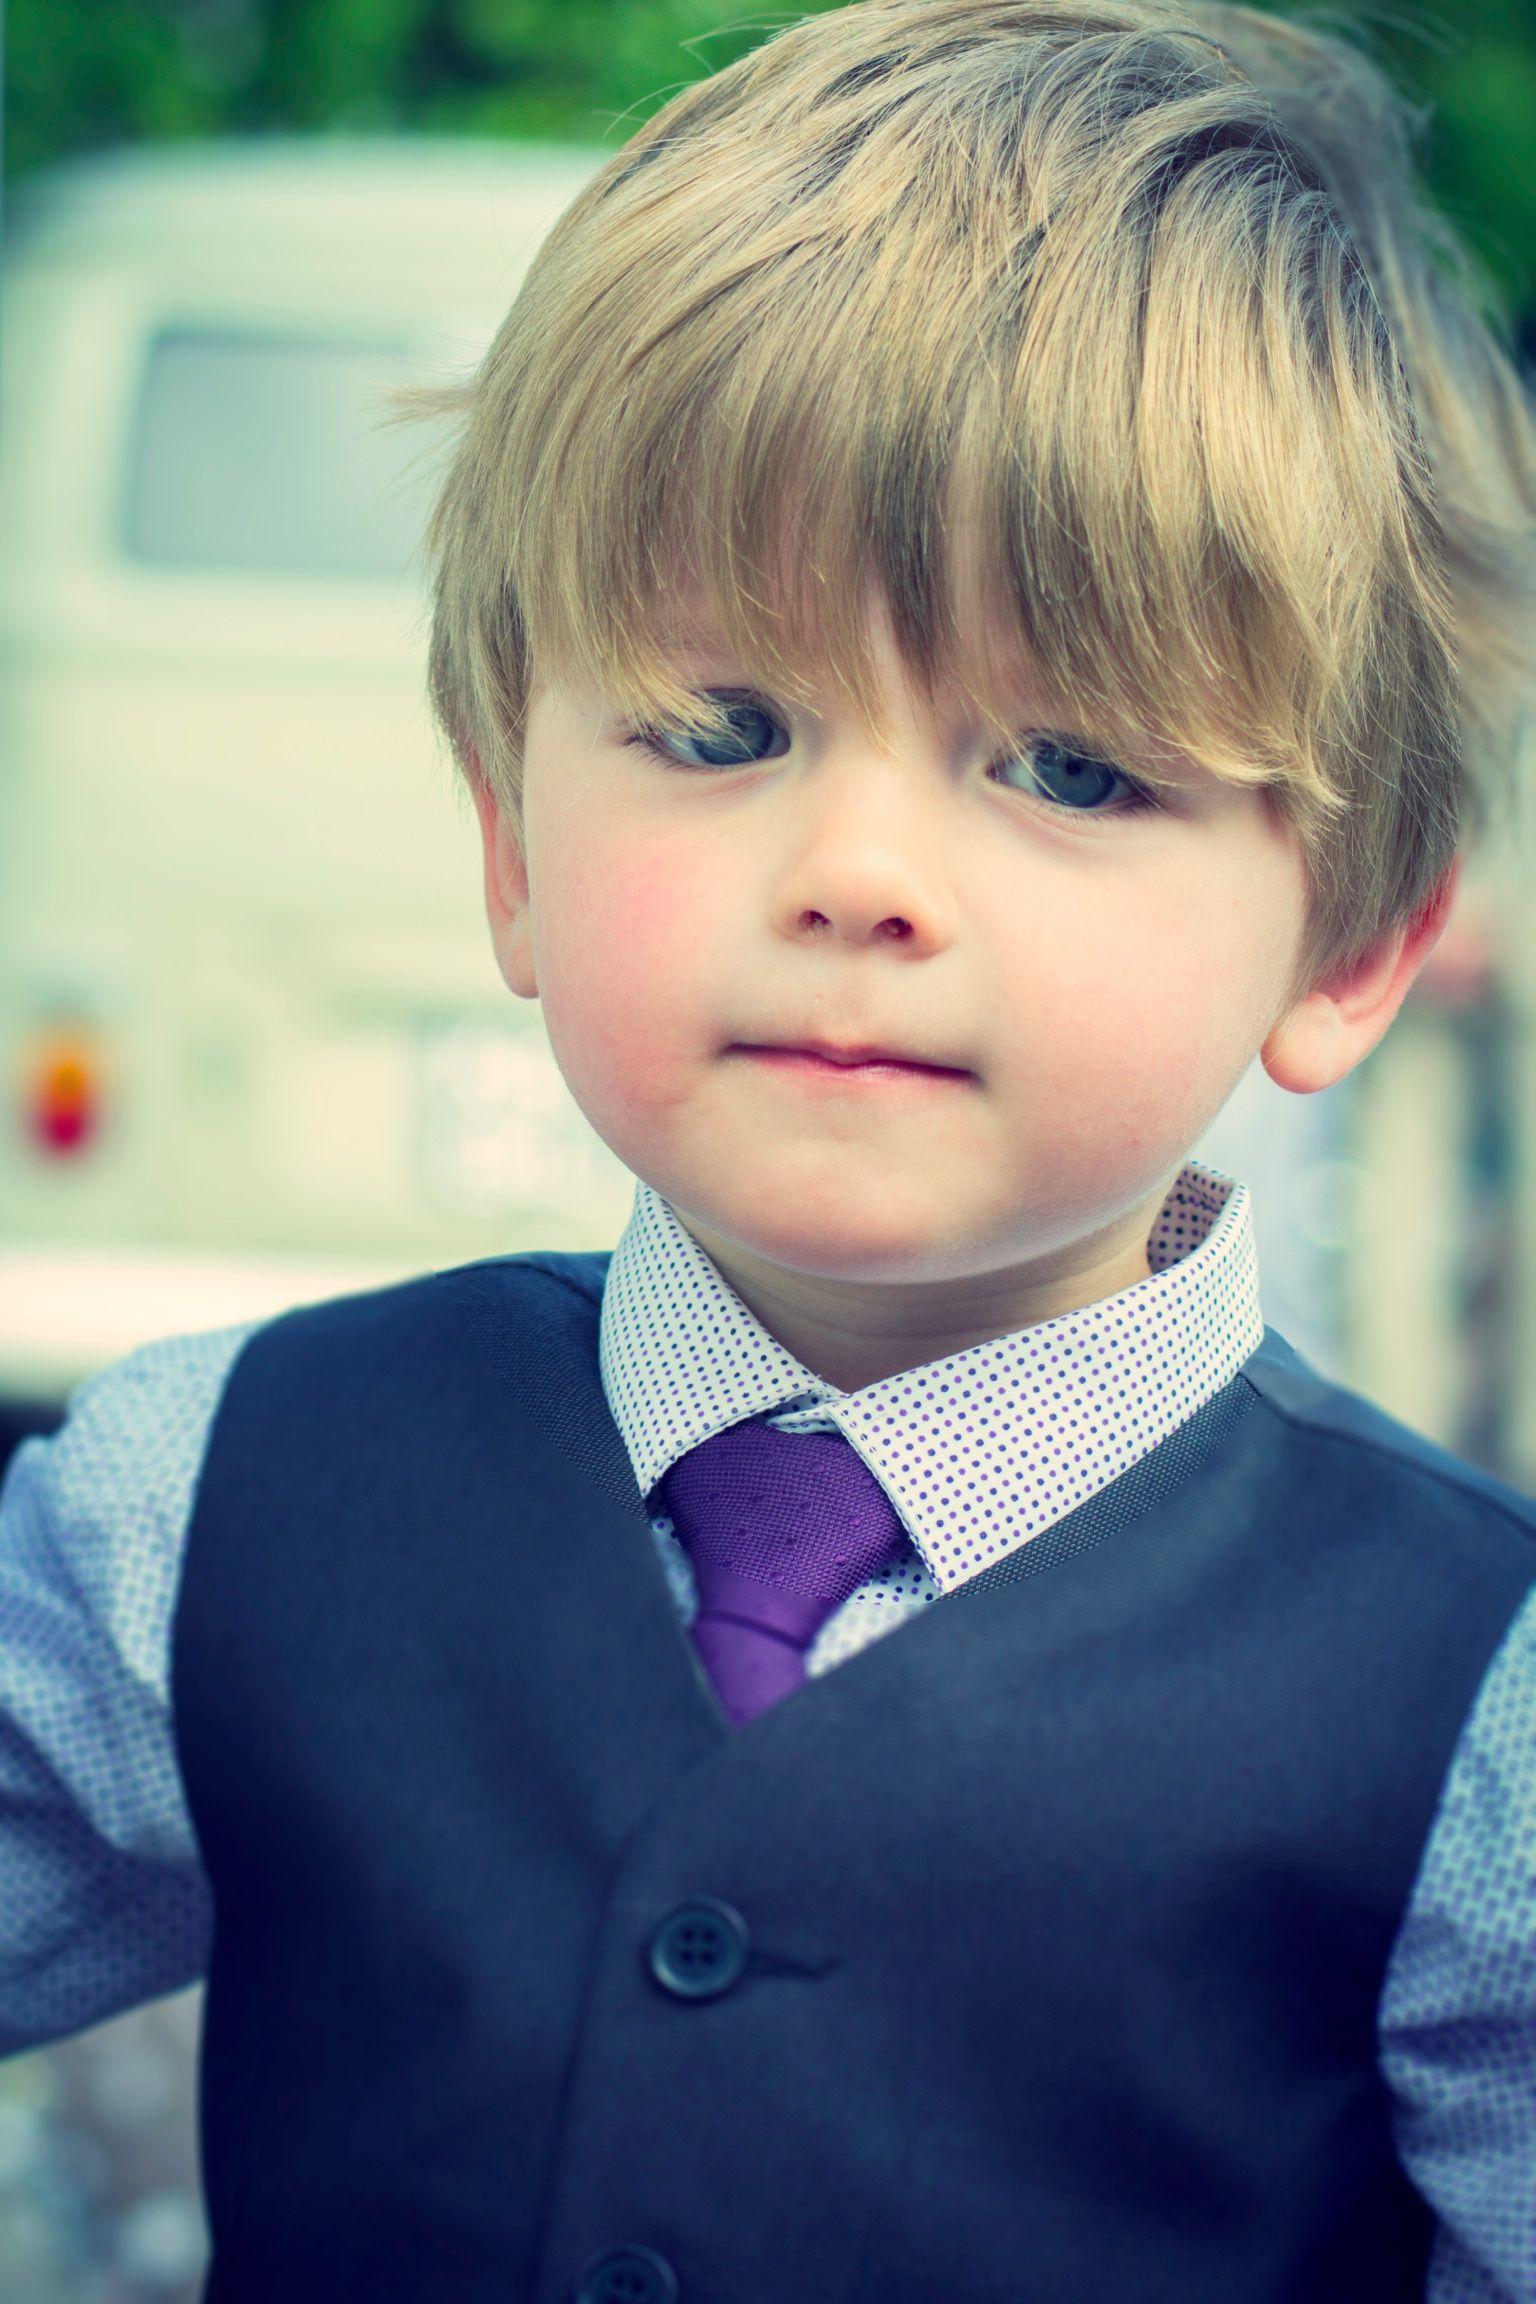 صوره لطفل بشعر حلو